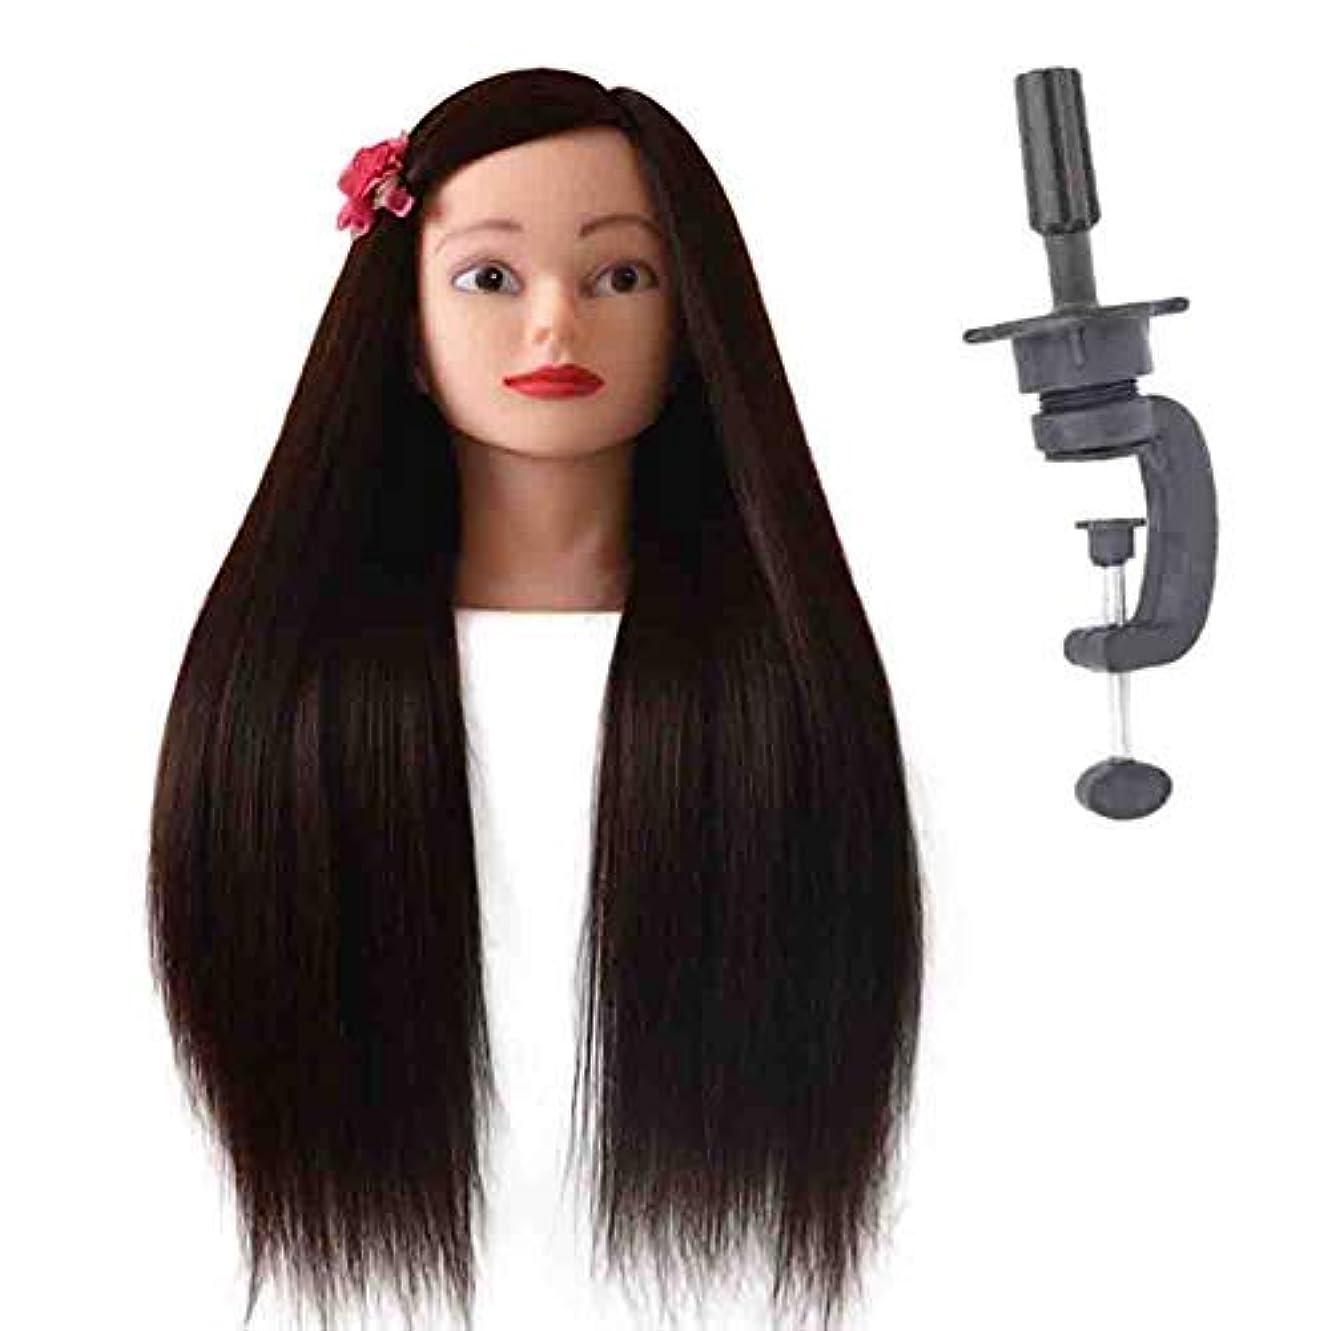 広げる運命描くトウモロコシホットシミュレーションヘアメイクヘアプレートヘアダミー練習ヘッド金型理髪店初心者トリムヘアトレーニングヘッド